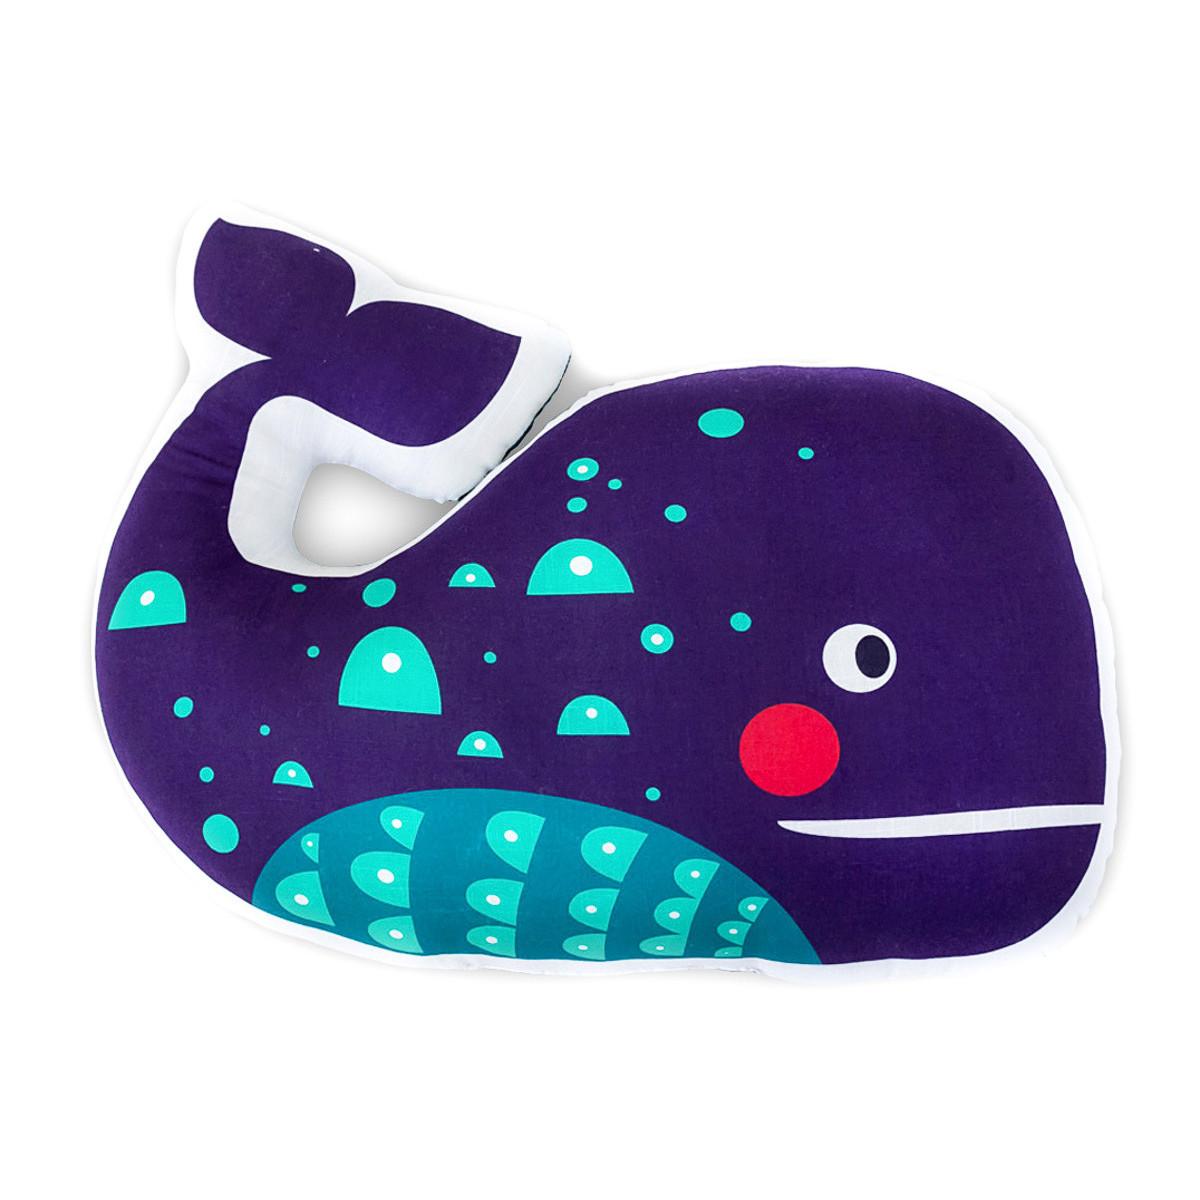 Coussin baleine violette